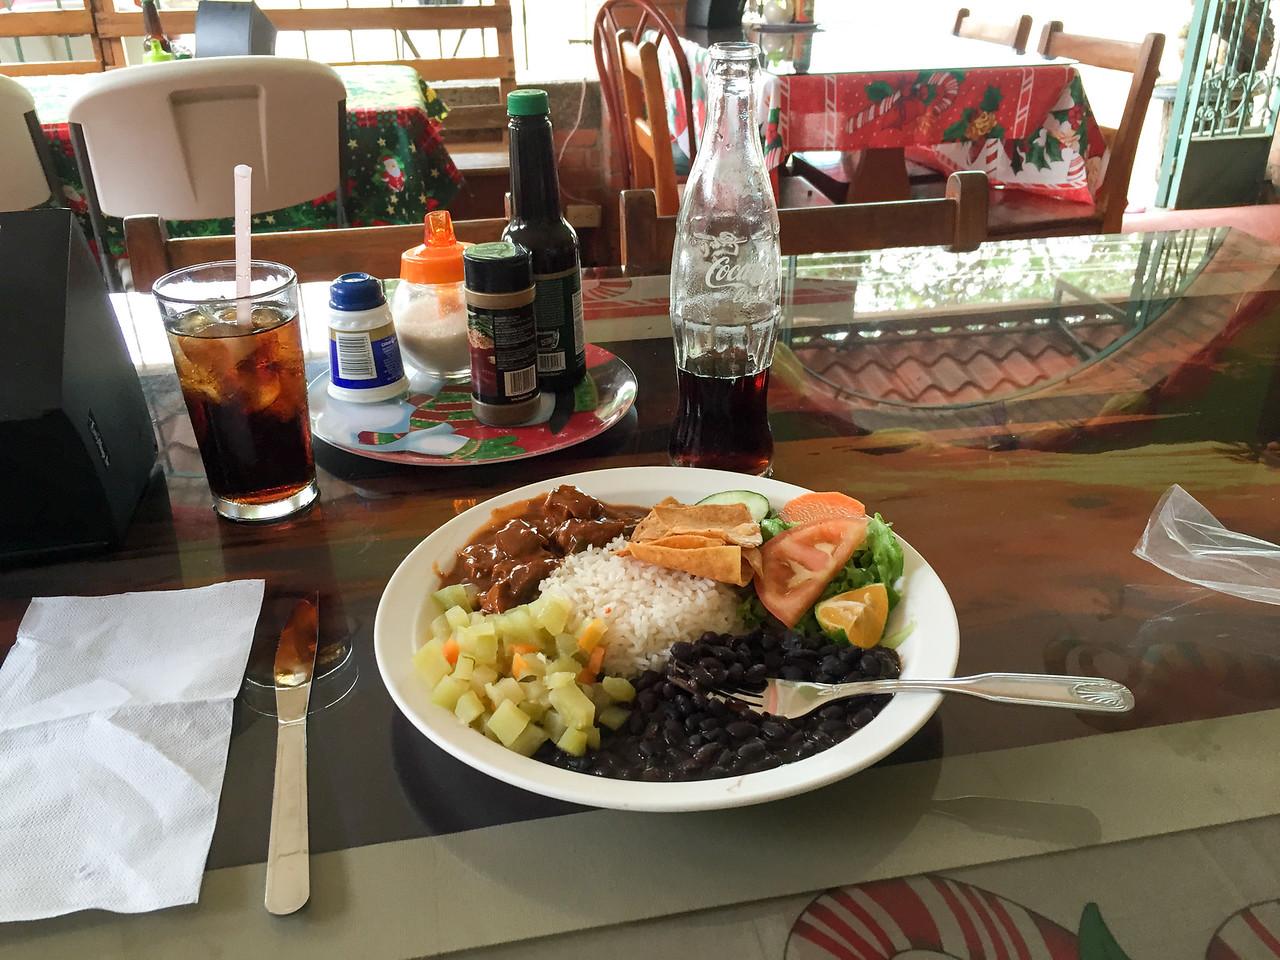 Lunch  in Playas Del Coco, Costa Rica - December 2014